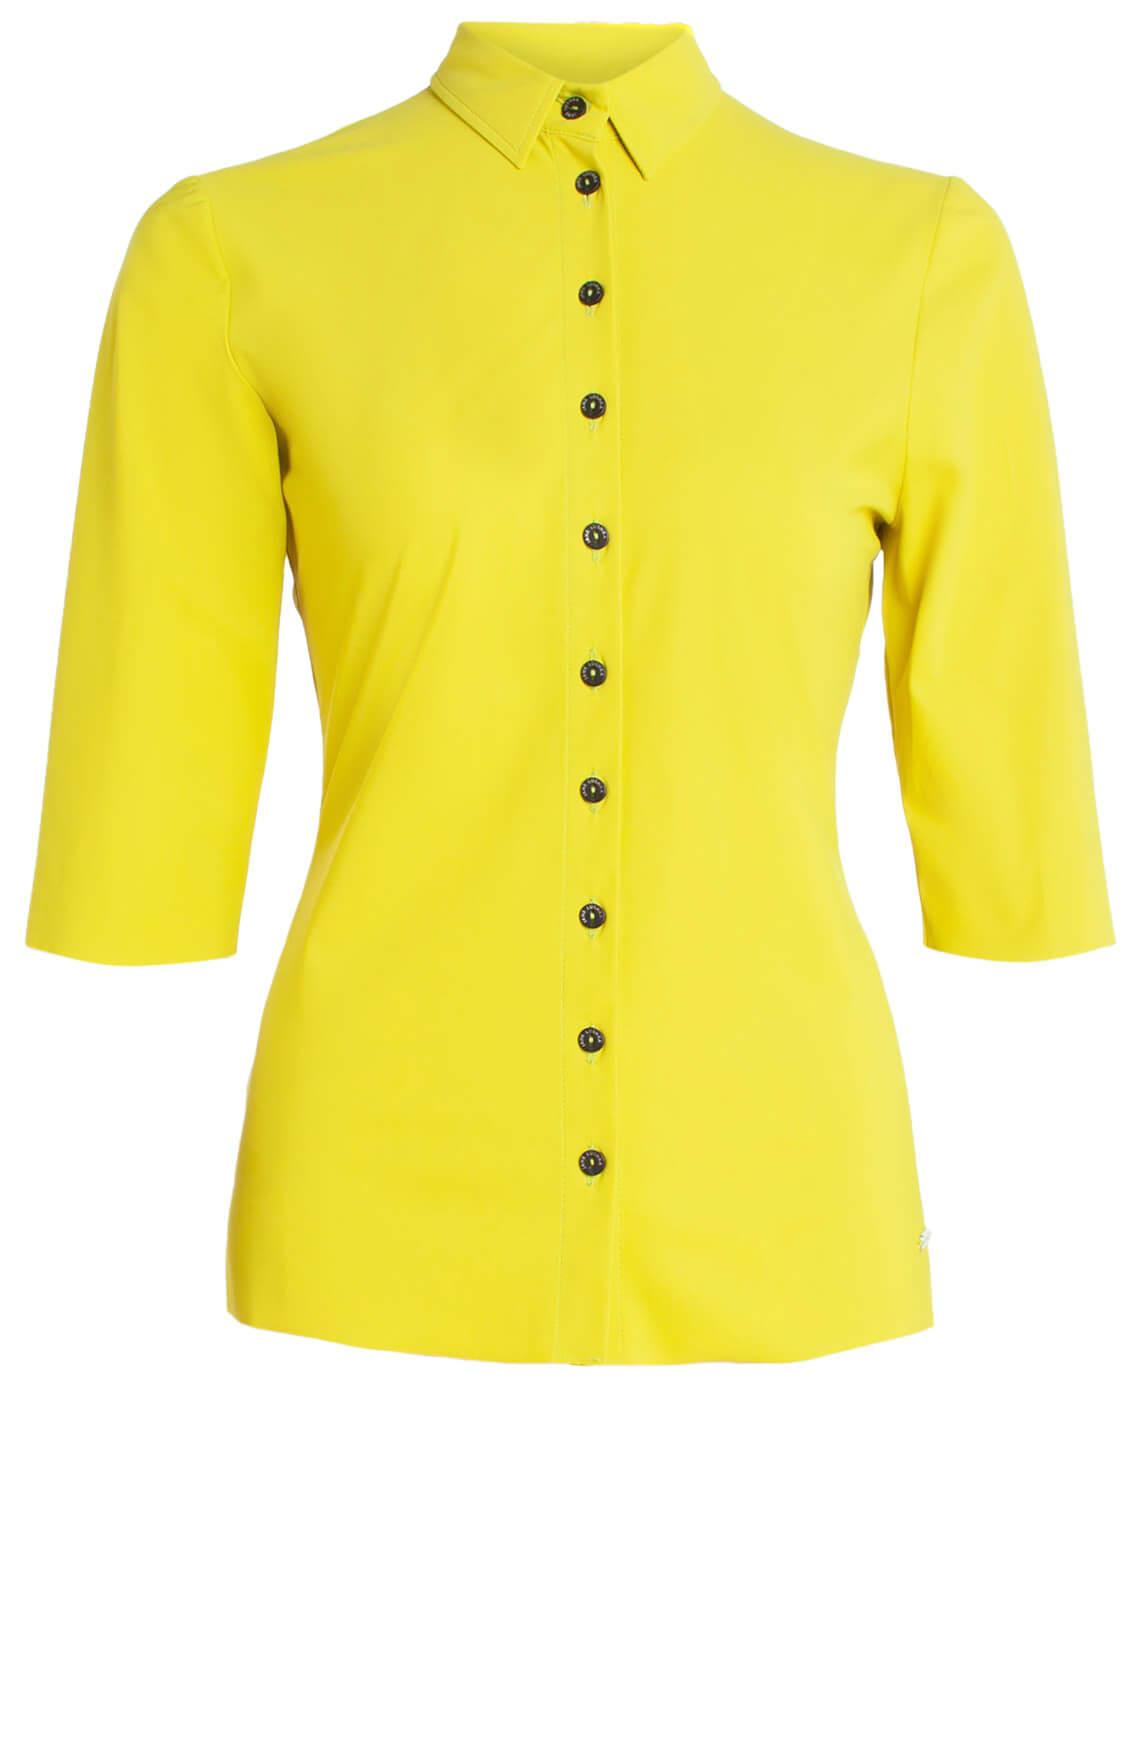 Jane Lushka Dames Jersey blouse geel